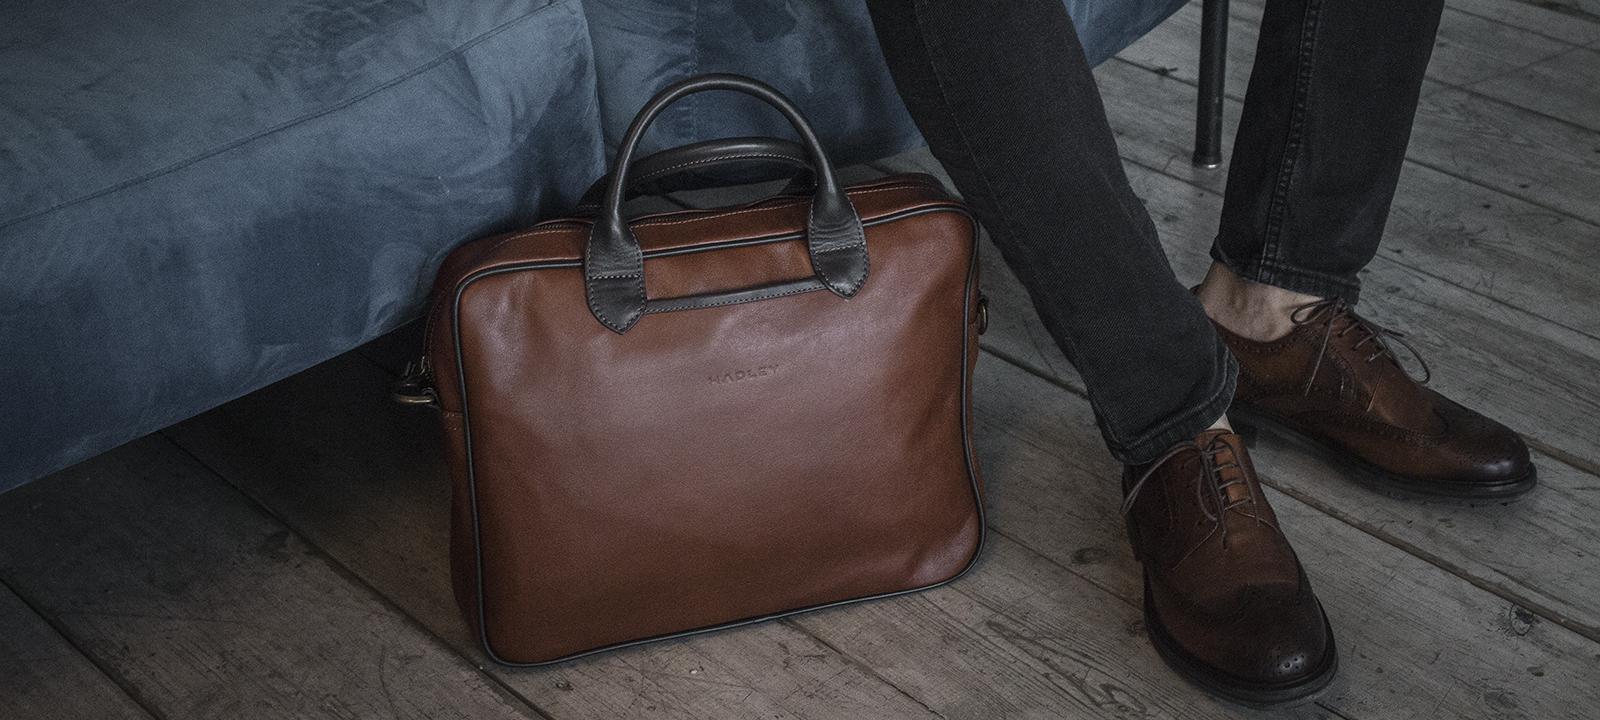 8b01749c 1; 2; 3. Женская сумка на пояс- клатч WeLassie черного цвета Бархат бордо